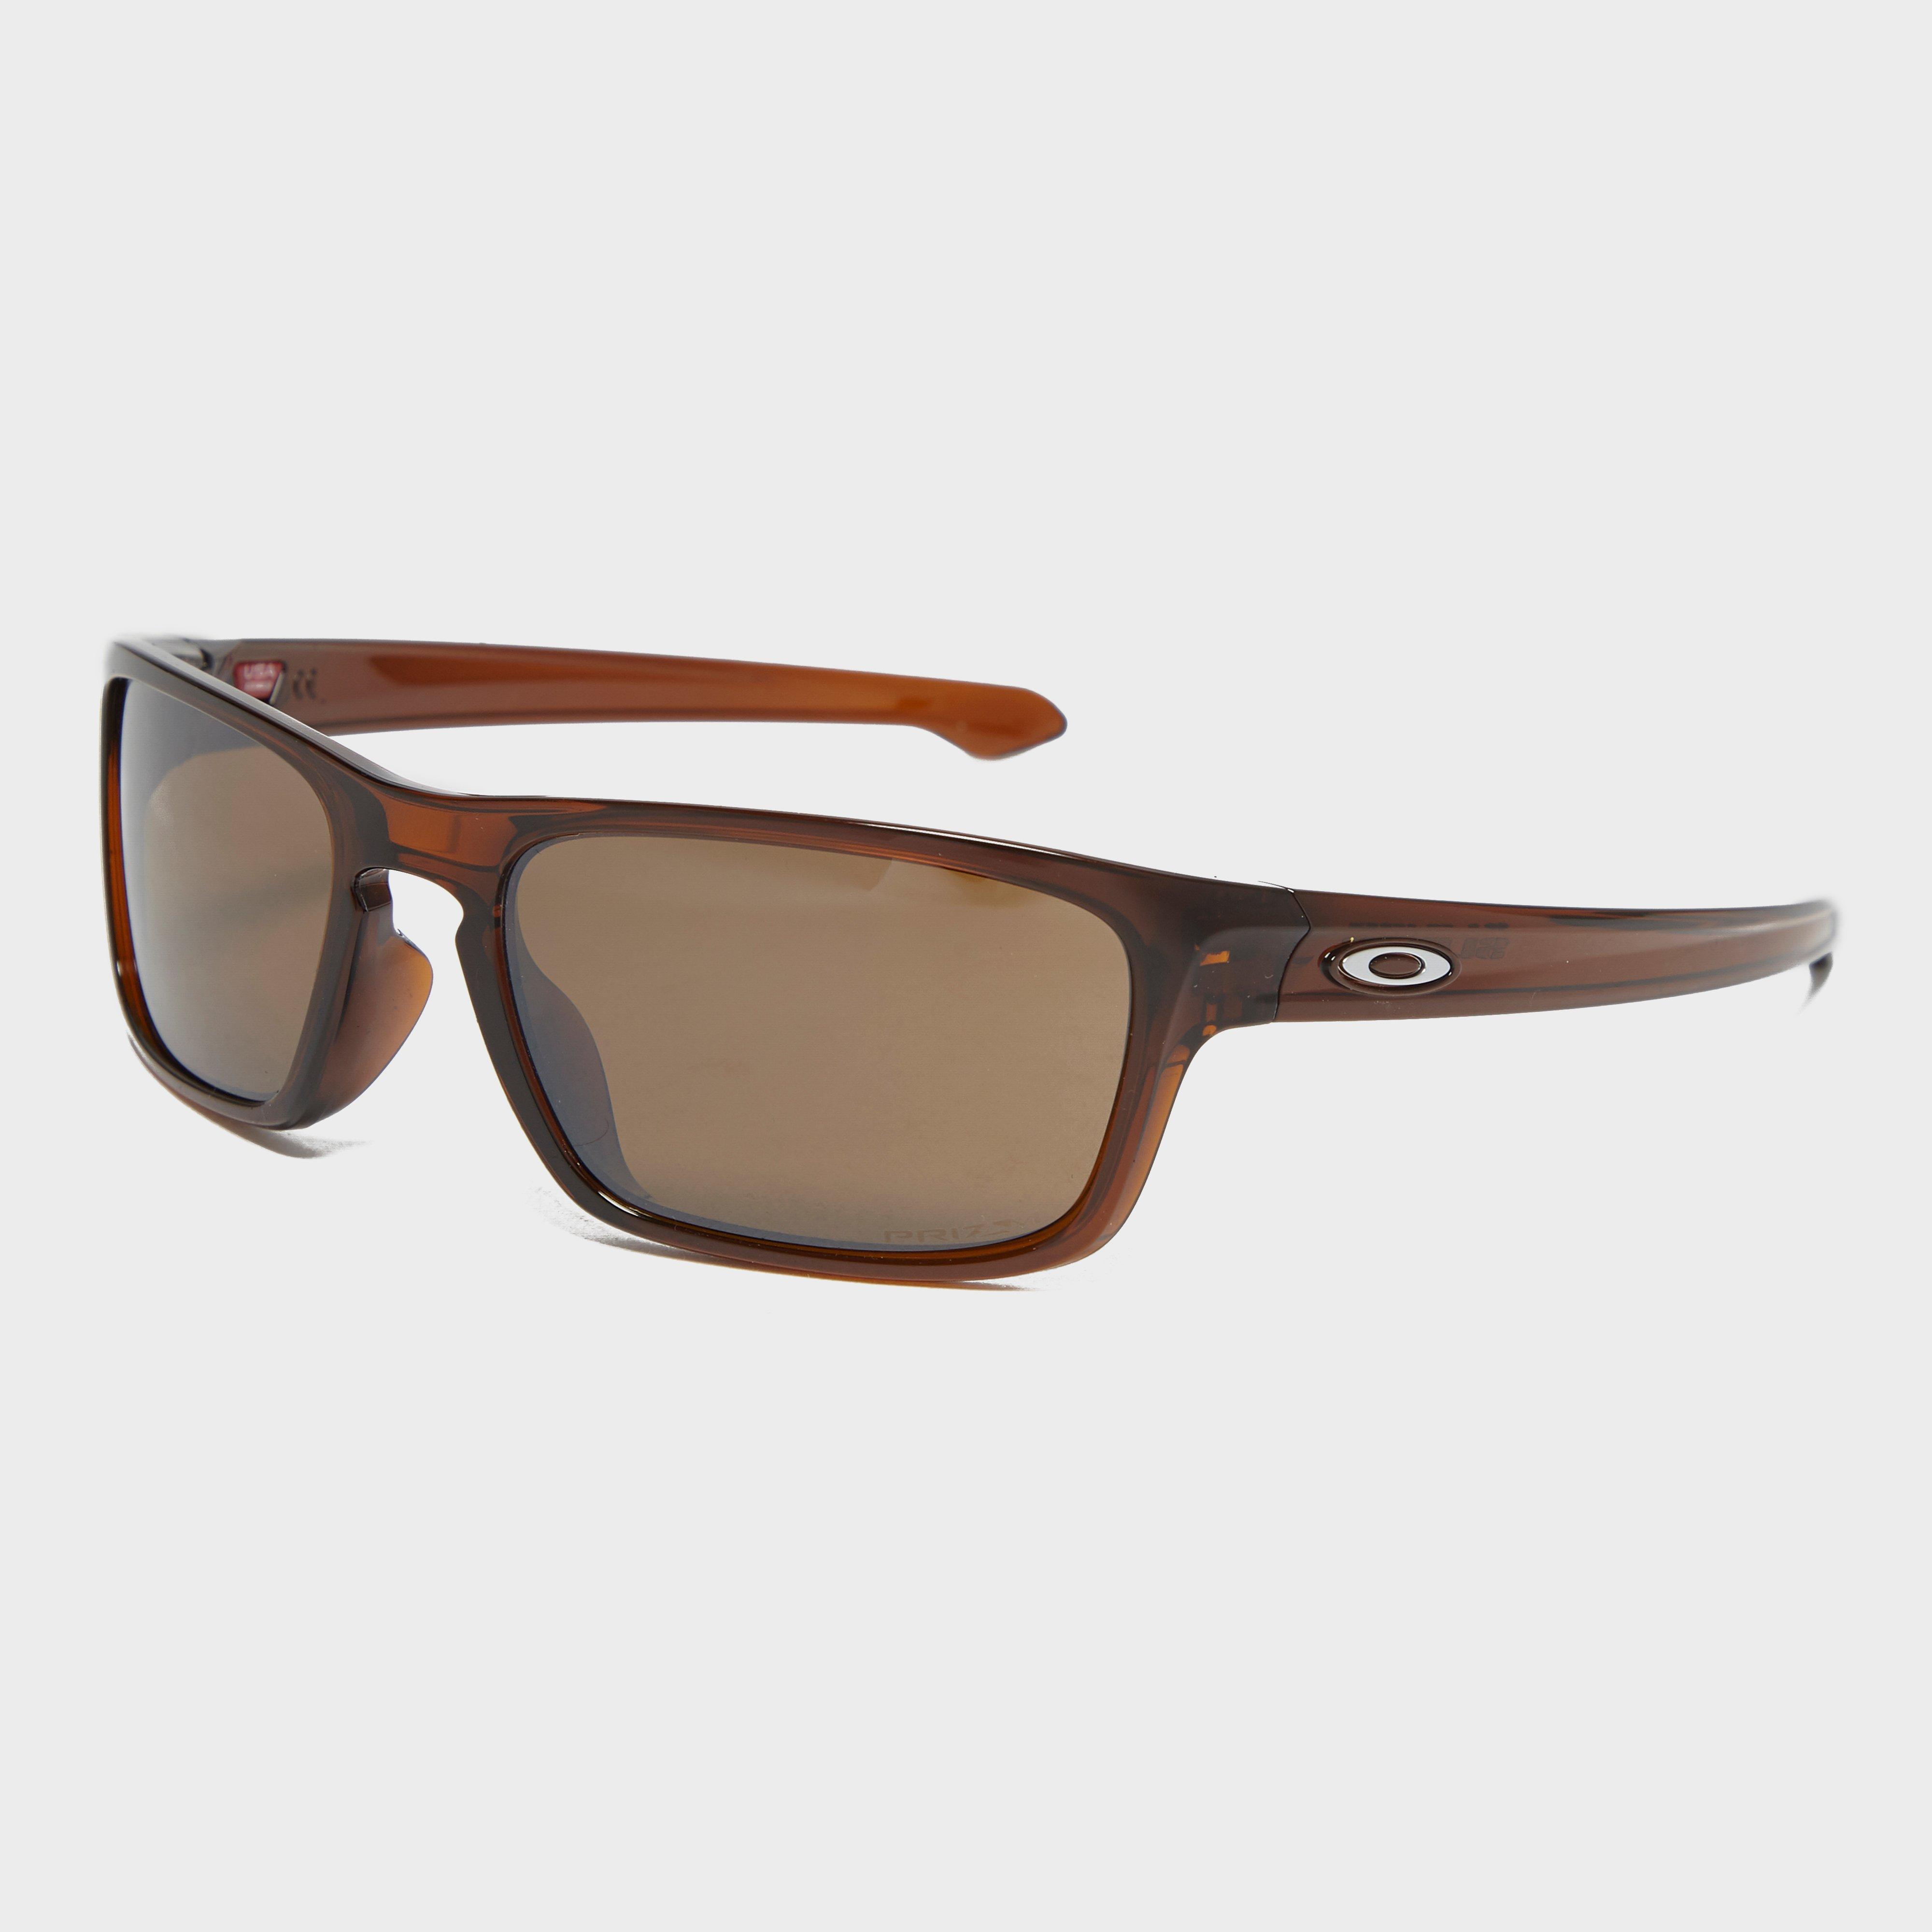 Oakley Oakley Sliver Sunglasses - Multi, Multi